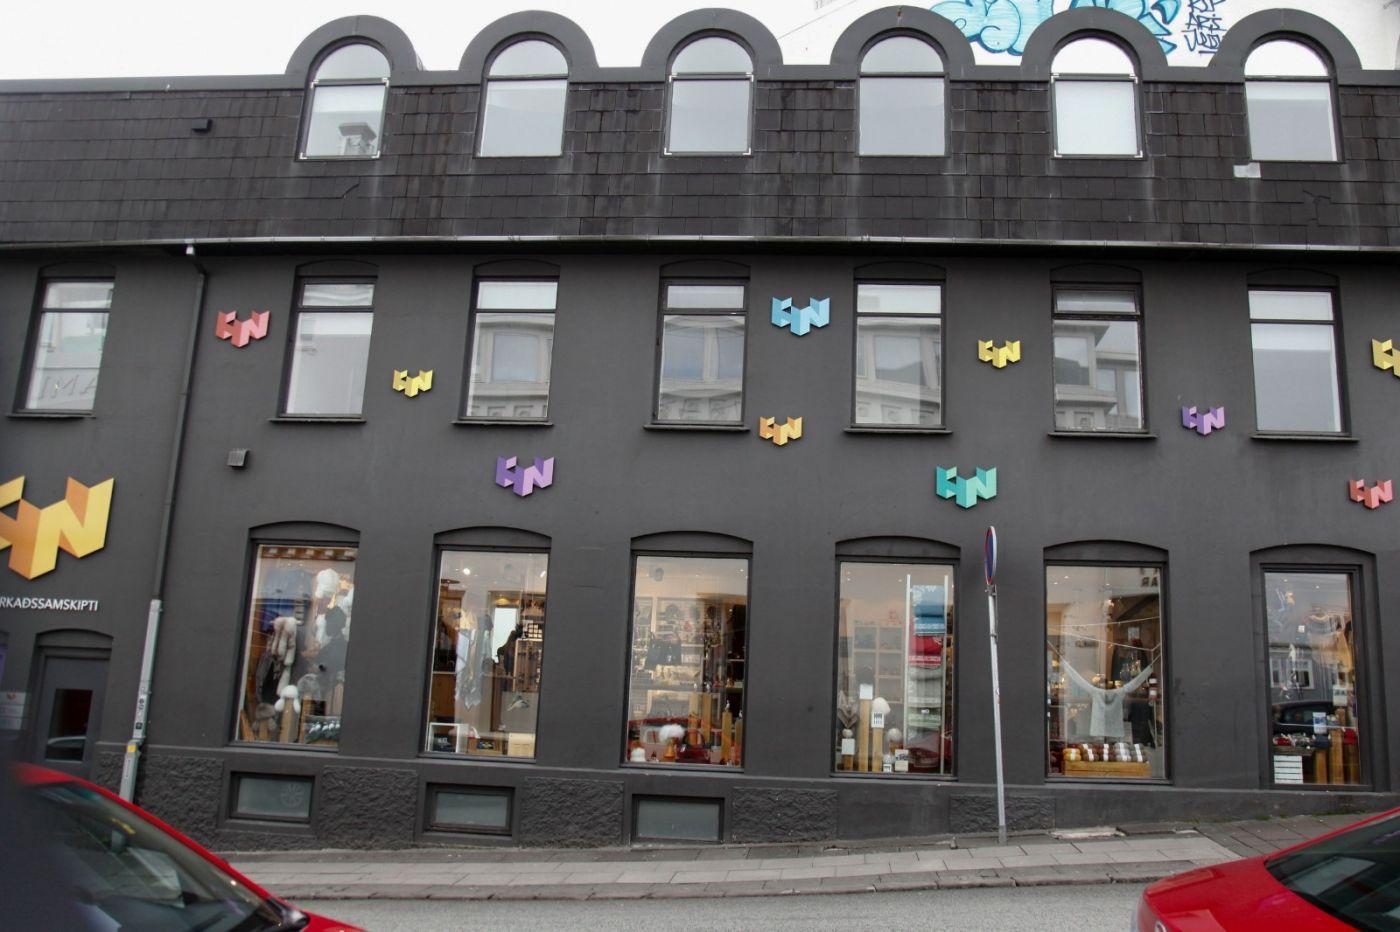 冰岛街拍_图1-16